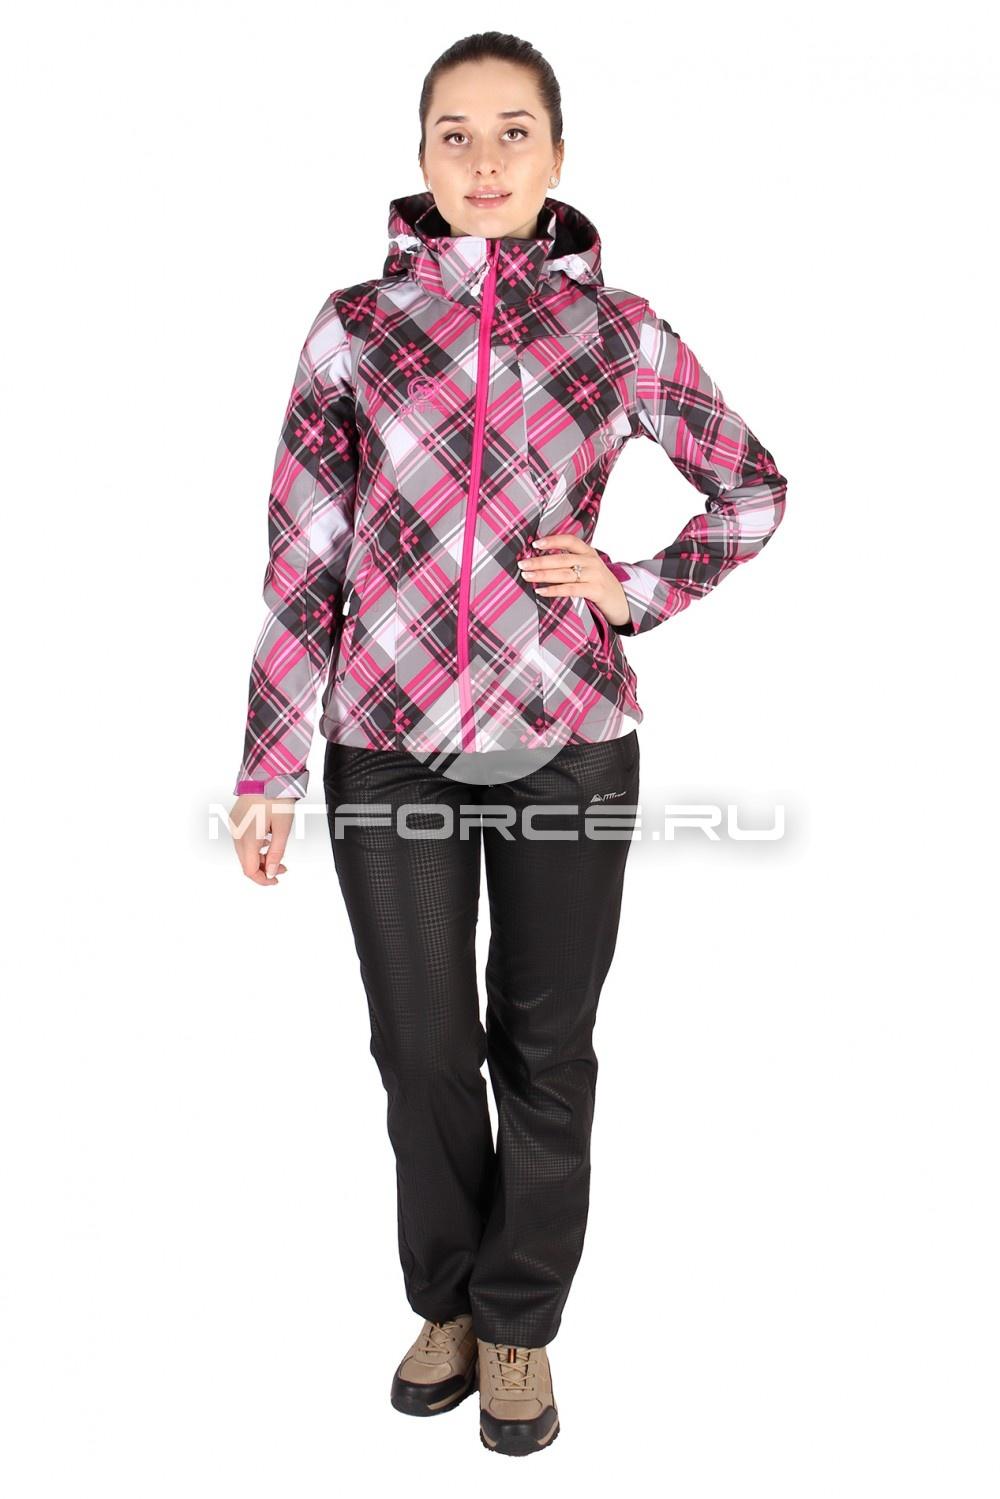 Купить                                  оптом Костюм виндстопер женский розового цвета 01505R